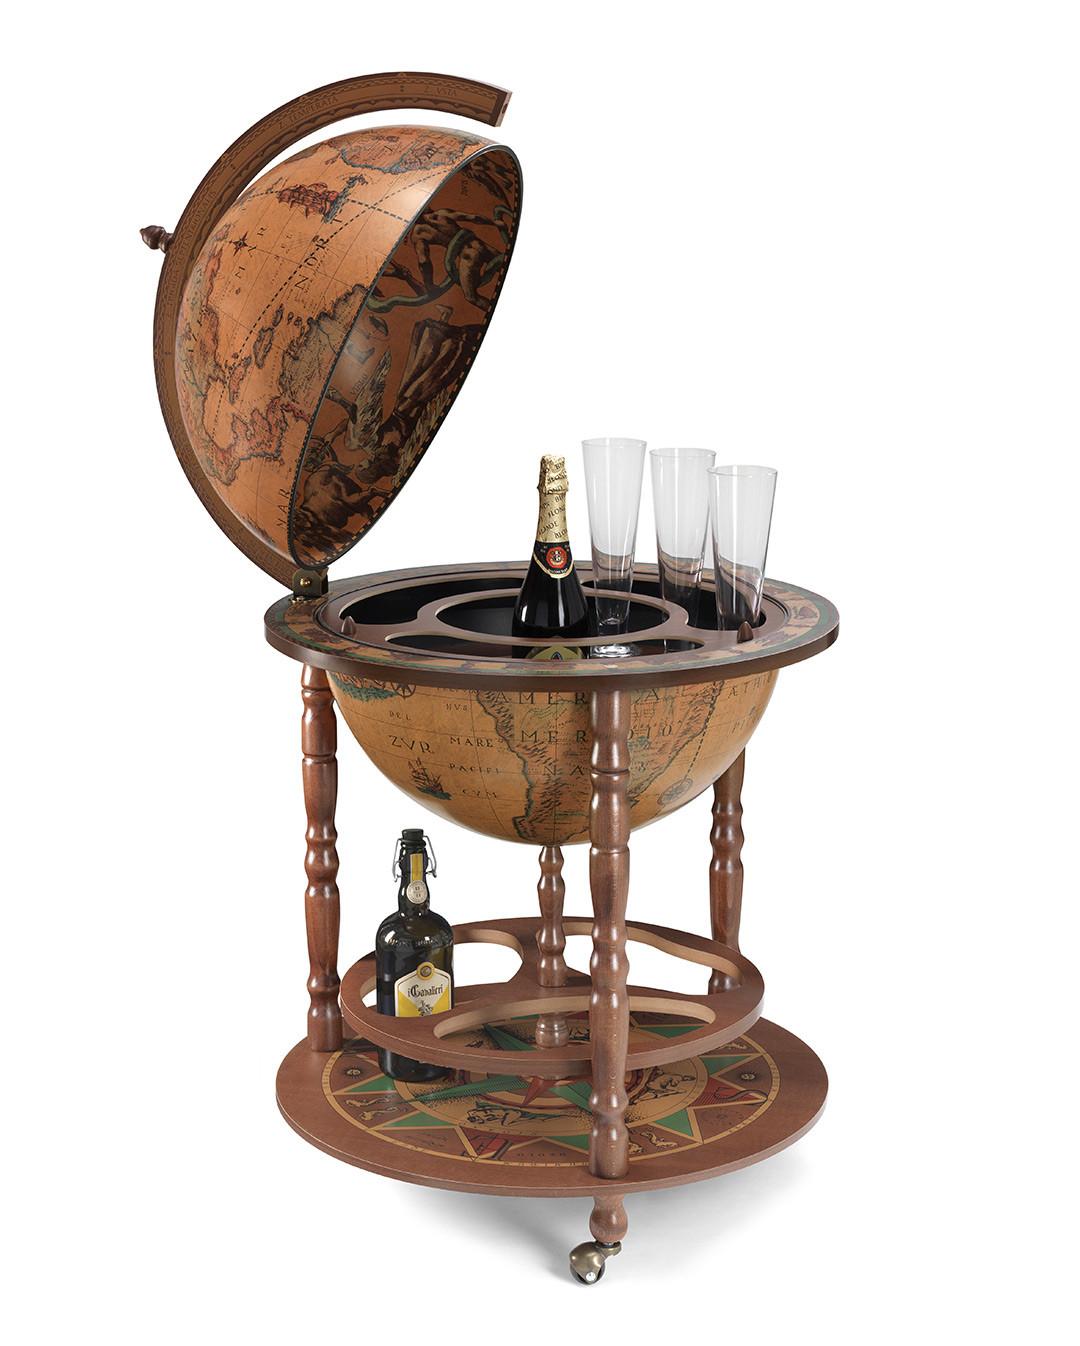 Morientez Italian Globe Bar